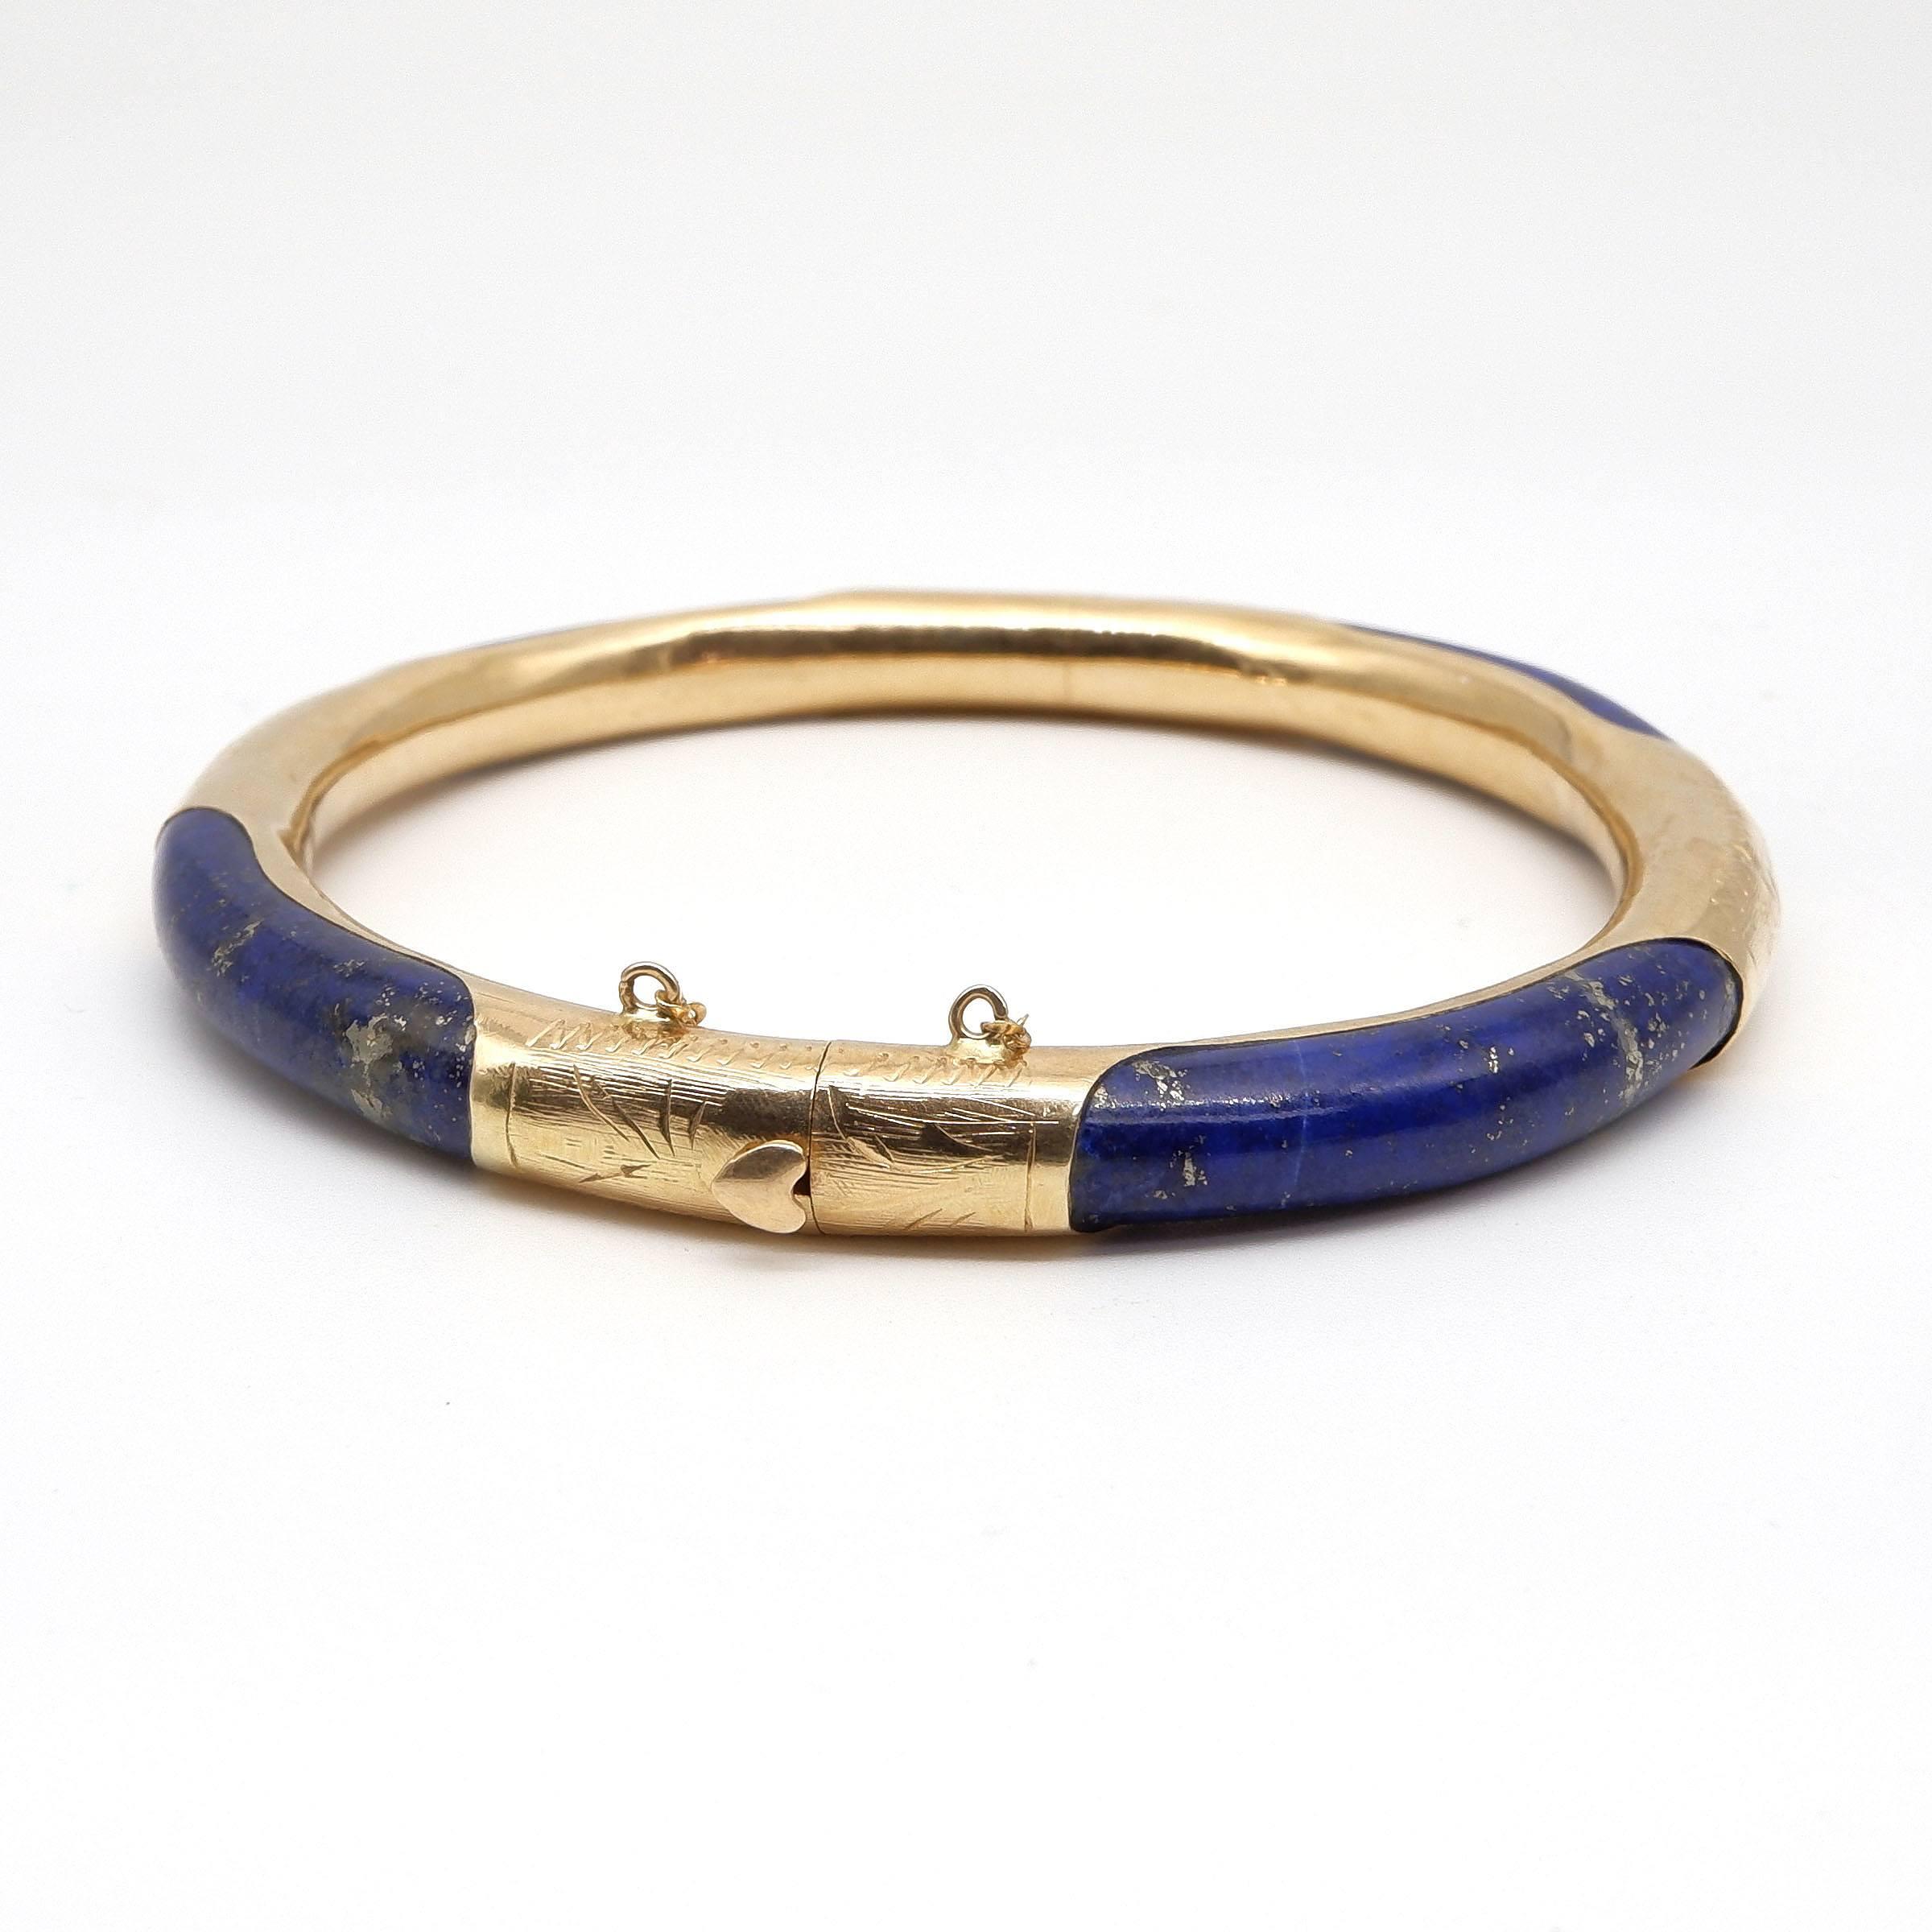 'Chinese 14ct Gold and Lapis Lazuli Bangle'